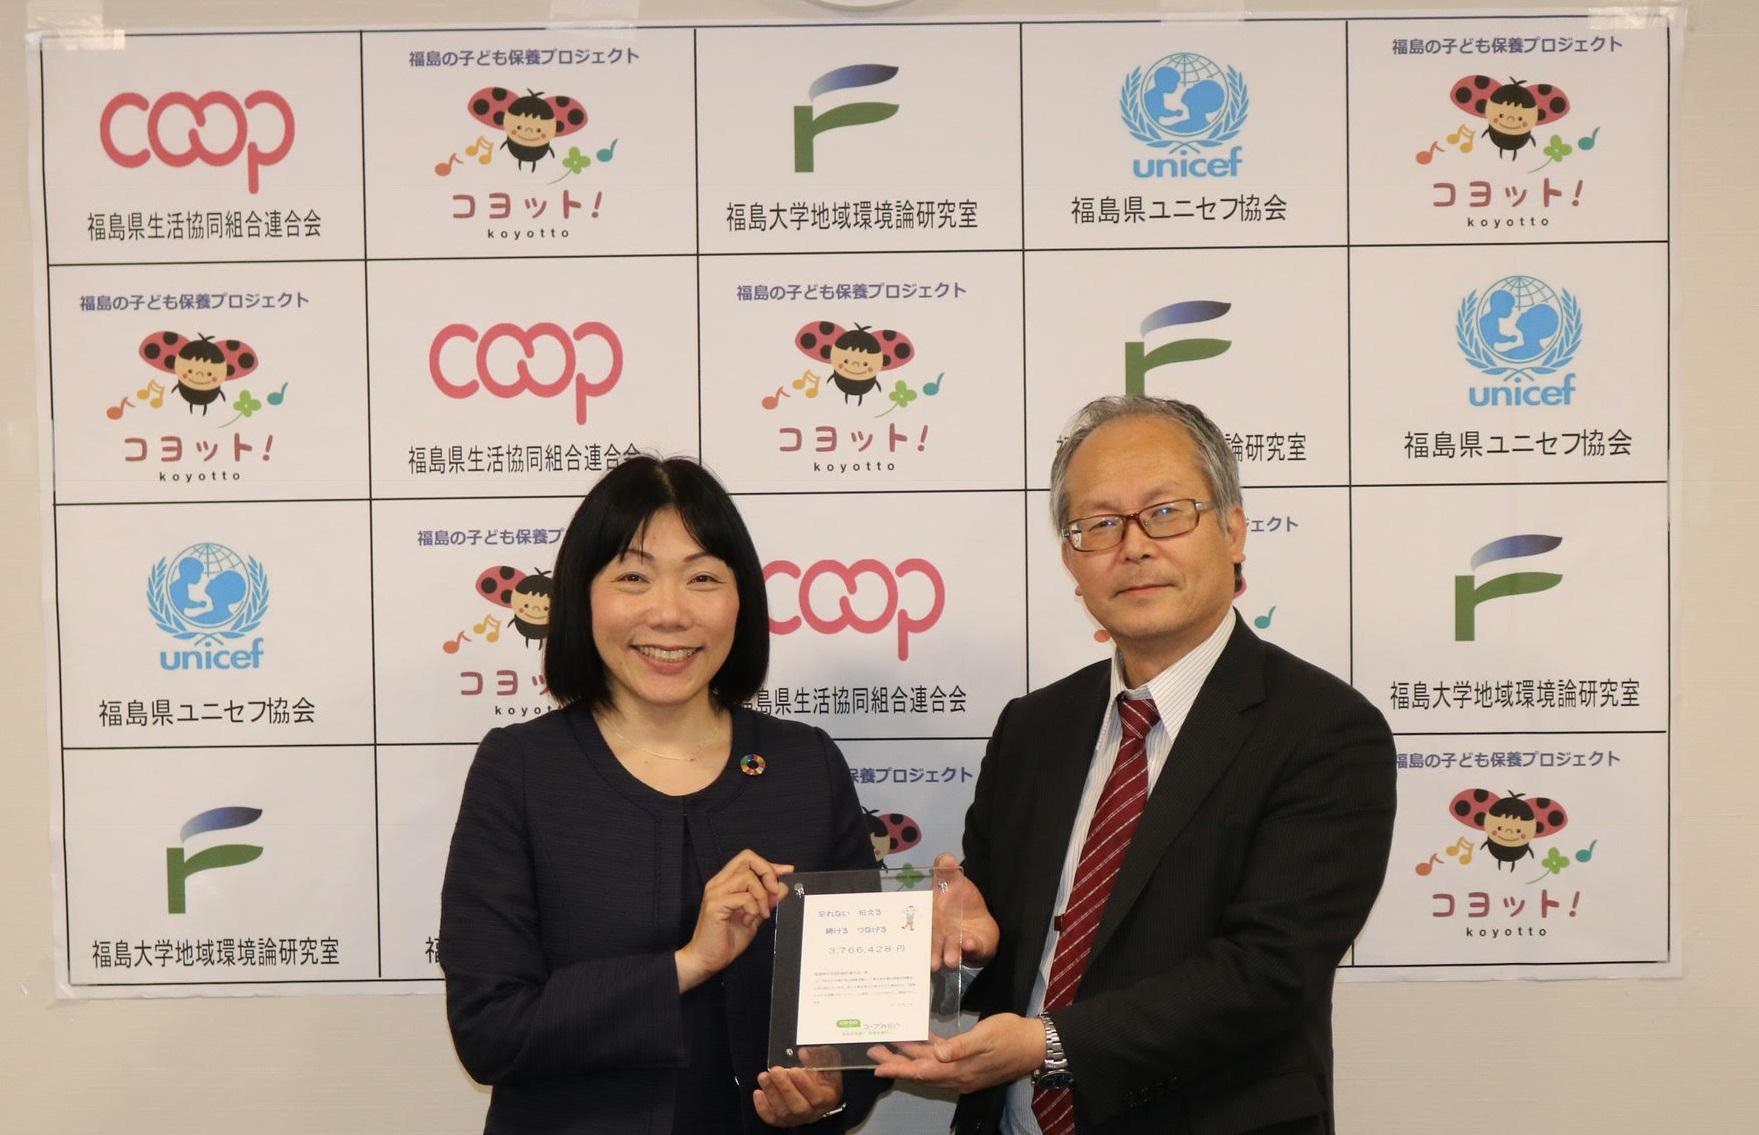 コープみらい新井理事長(左)と福島県生協連 吉川会長(右)の写真